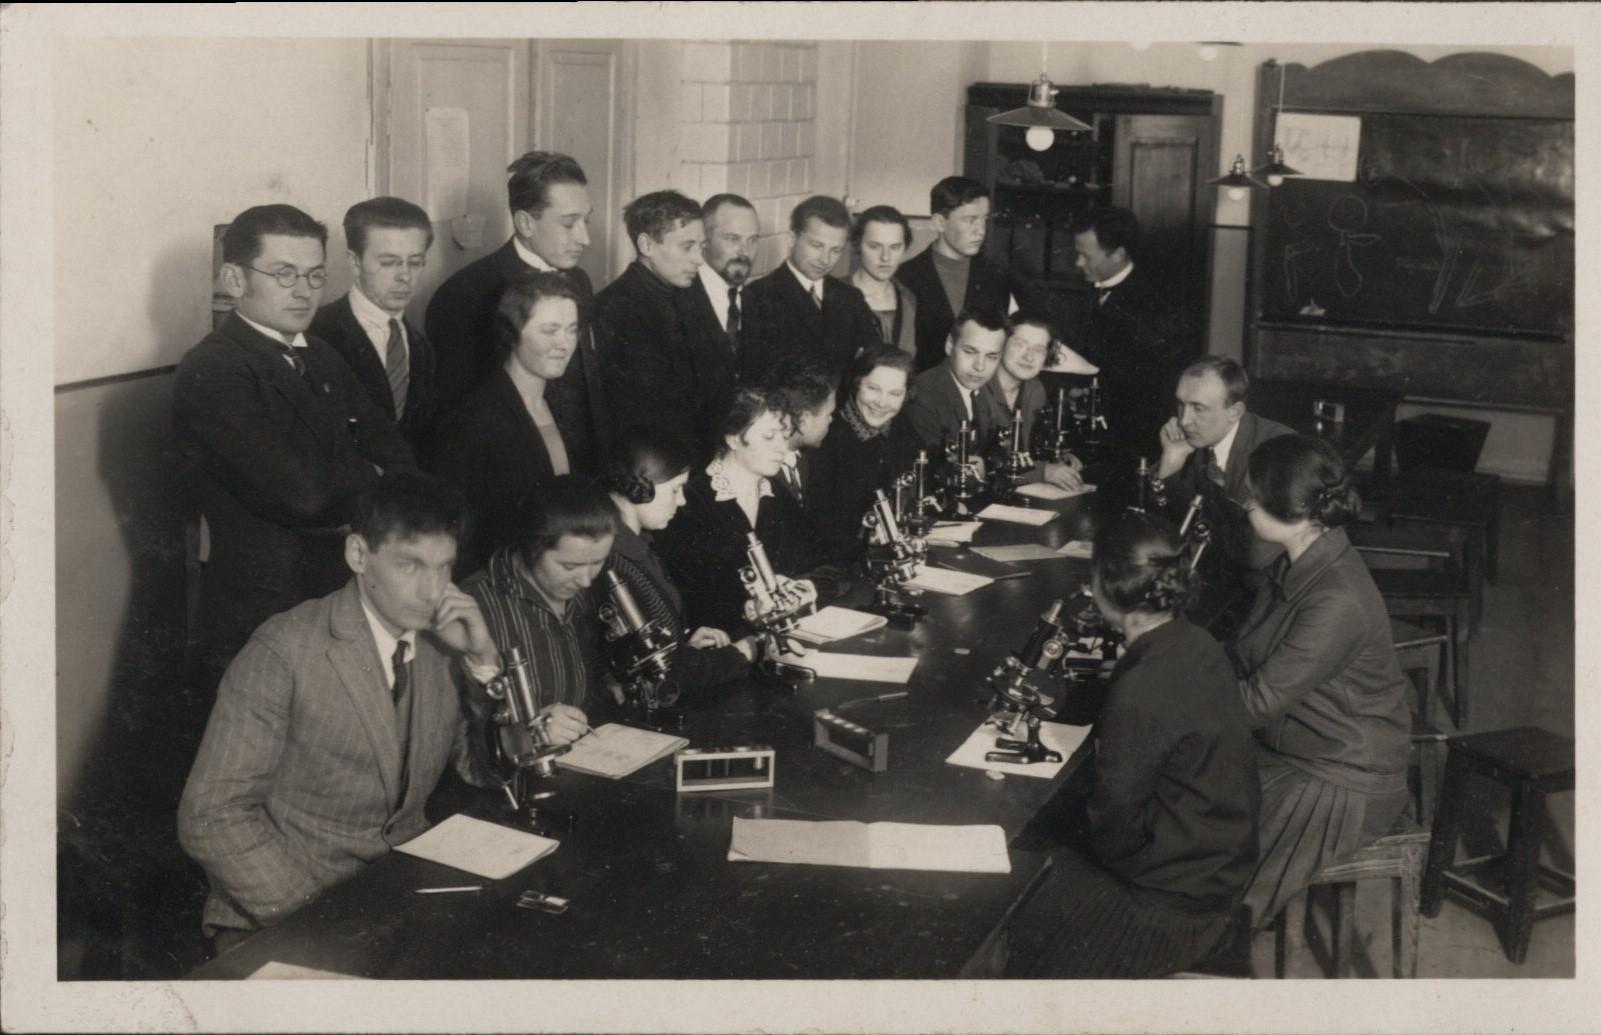 Aukštųjų kursų Medicinos skyriaus histologijos praktikos darbai 1921 m. | LSMU Lietuvos medicinos ir farmacijos istorijos muziejaus rinkinių nuotr.